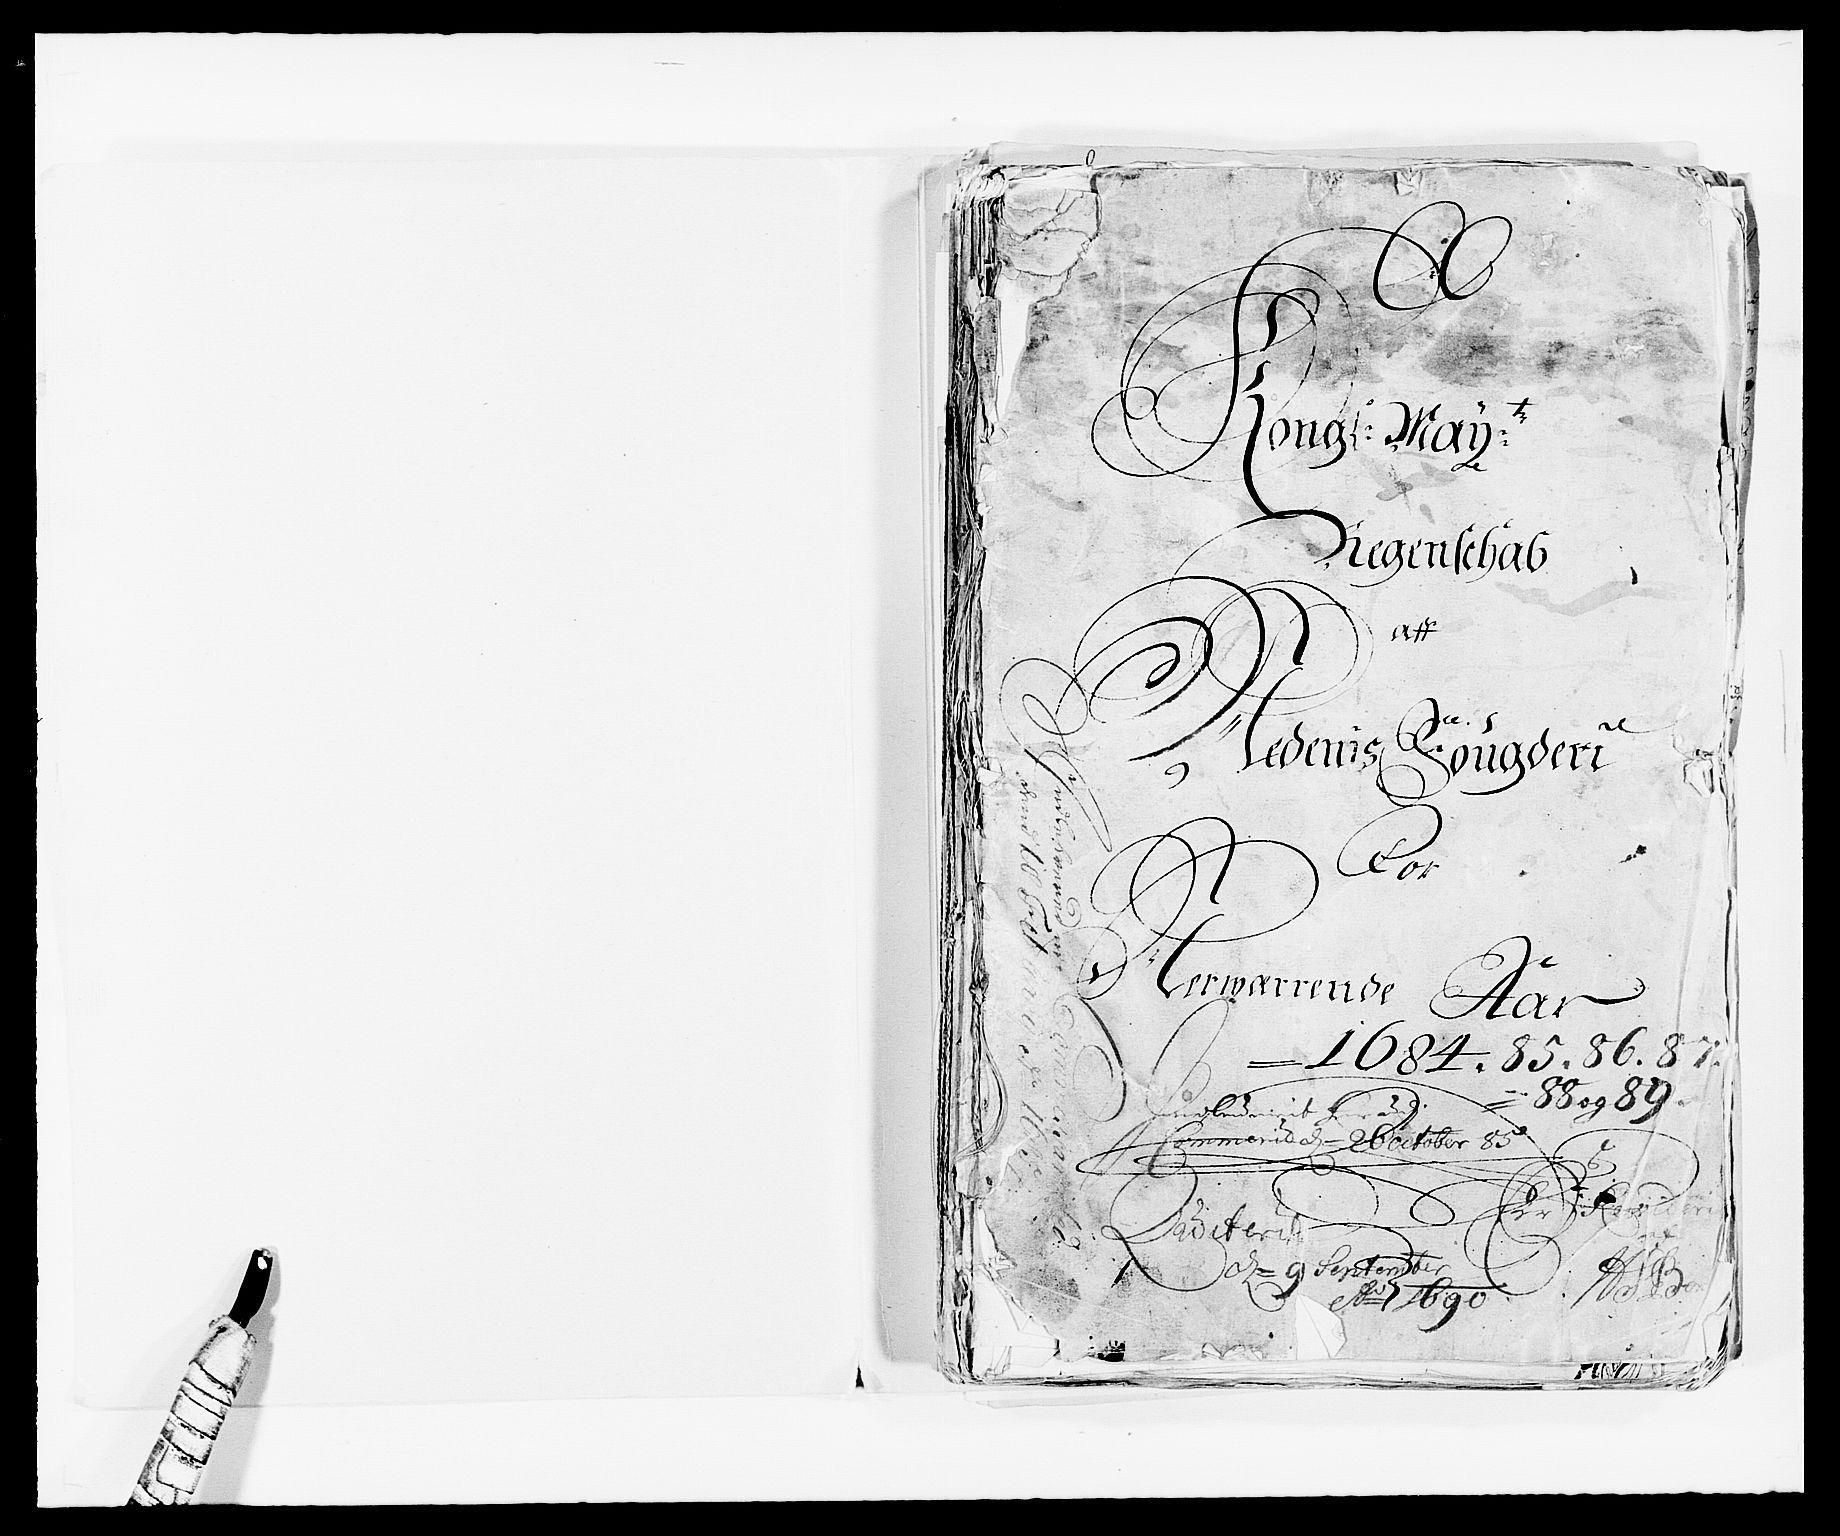 RA, Rentekammeret inntil 1814, Reviderte regnskaper, Fogderegnskap, R39/L2307: Fogderegnskap Nedenes, 1684-1689, s. 2